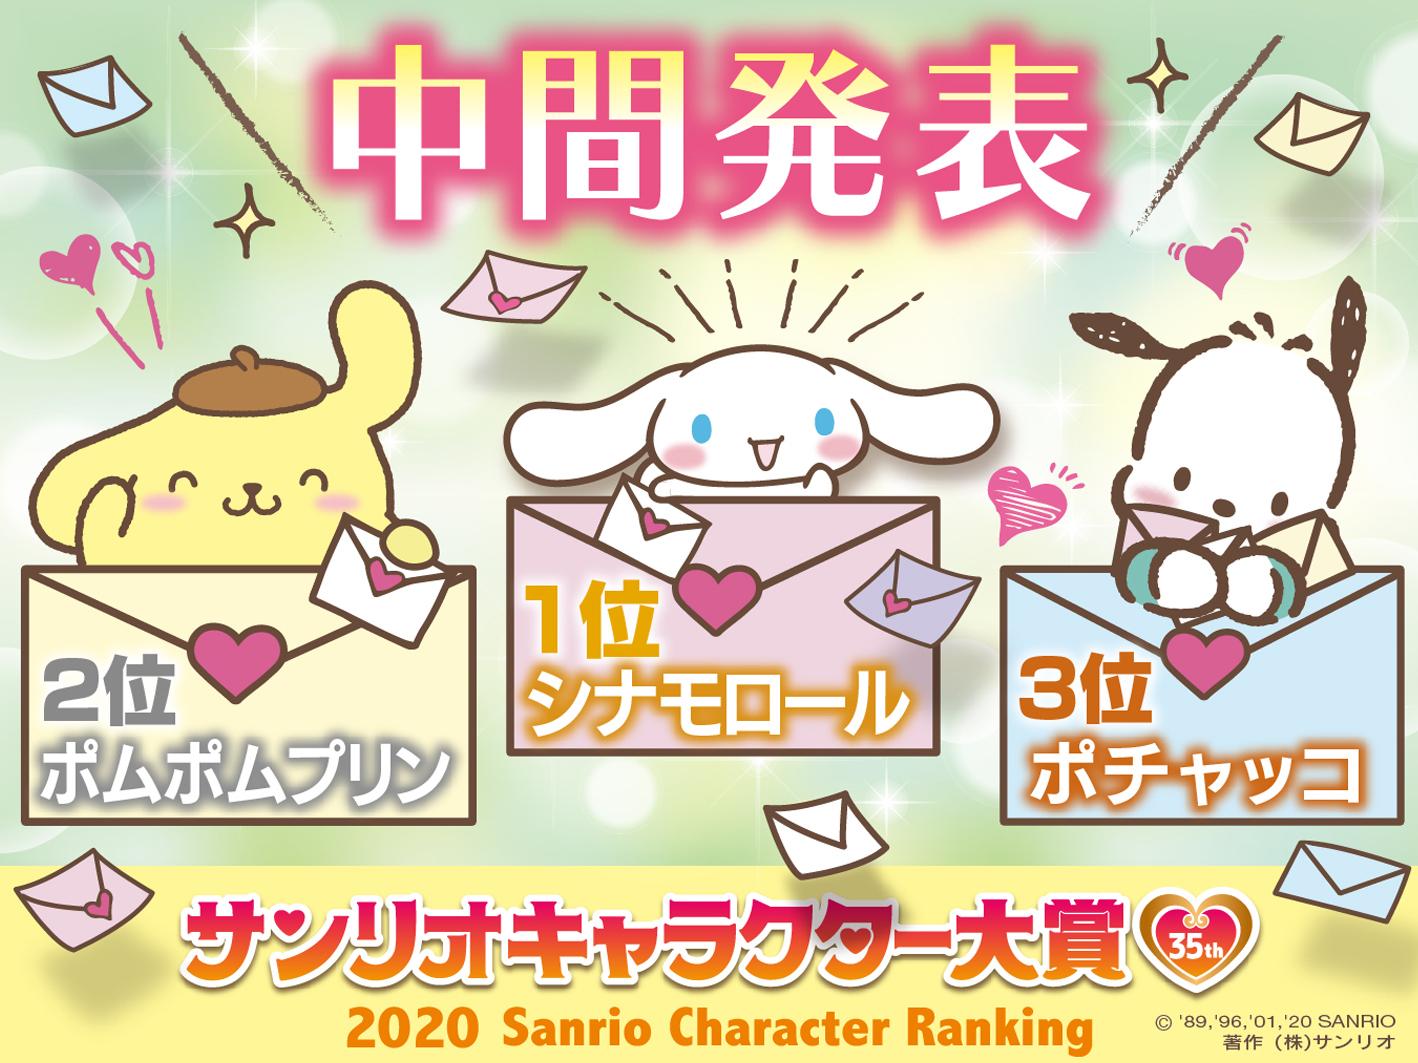 「サンリオキャラクター大賞」中間結果発表!TOP3を犬キャラクターたちが独占